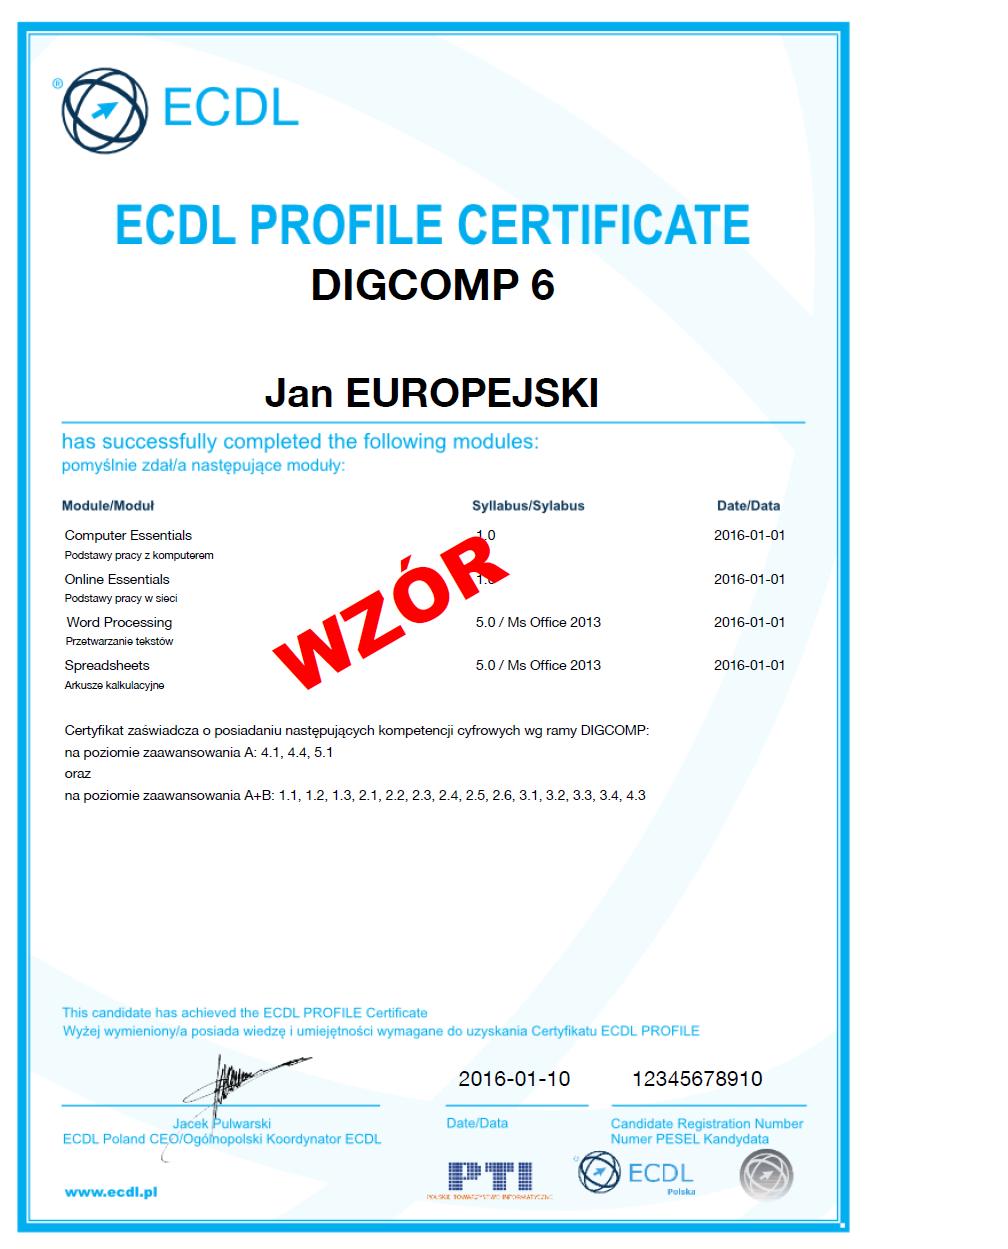 ECDL Profile DIGCOMP wzór certyfikatu